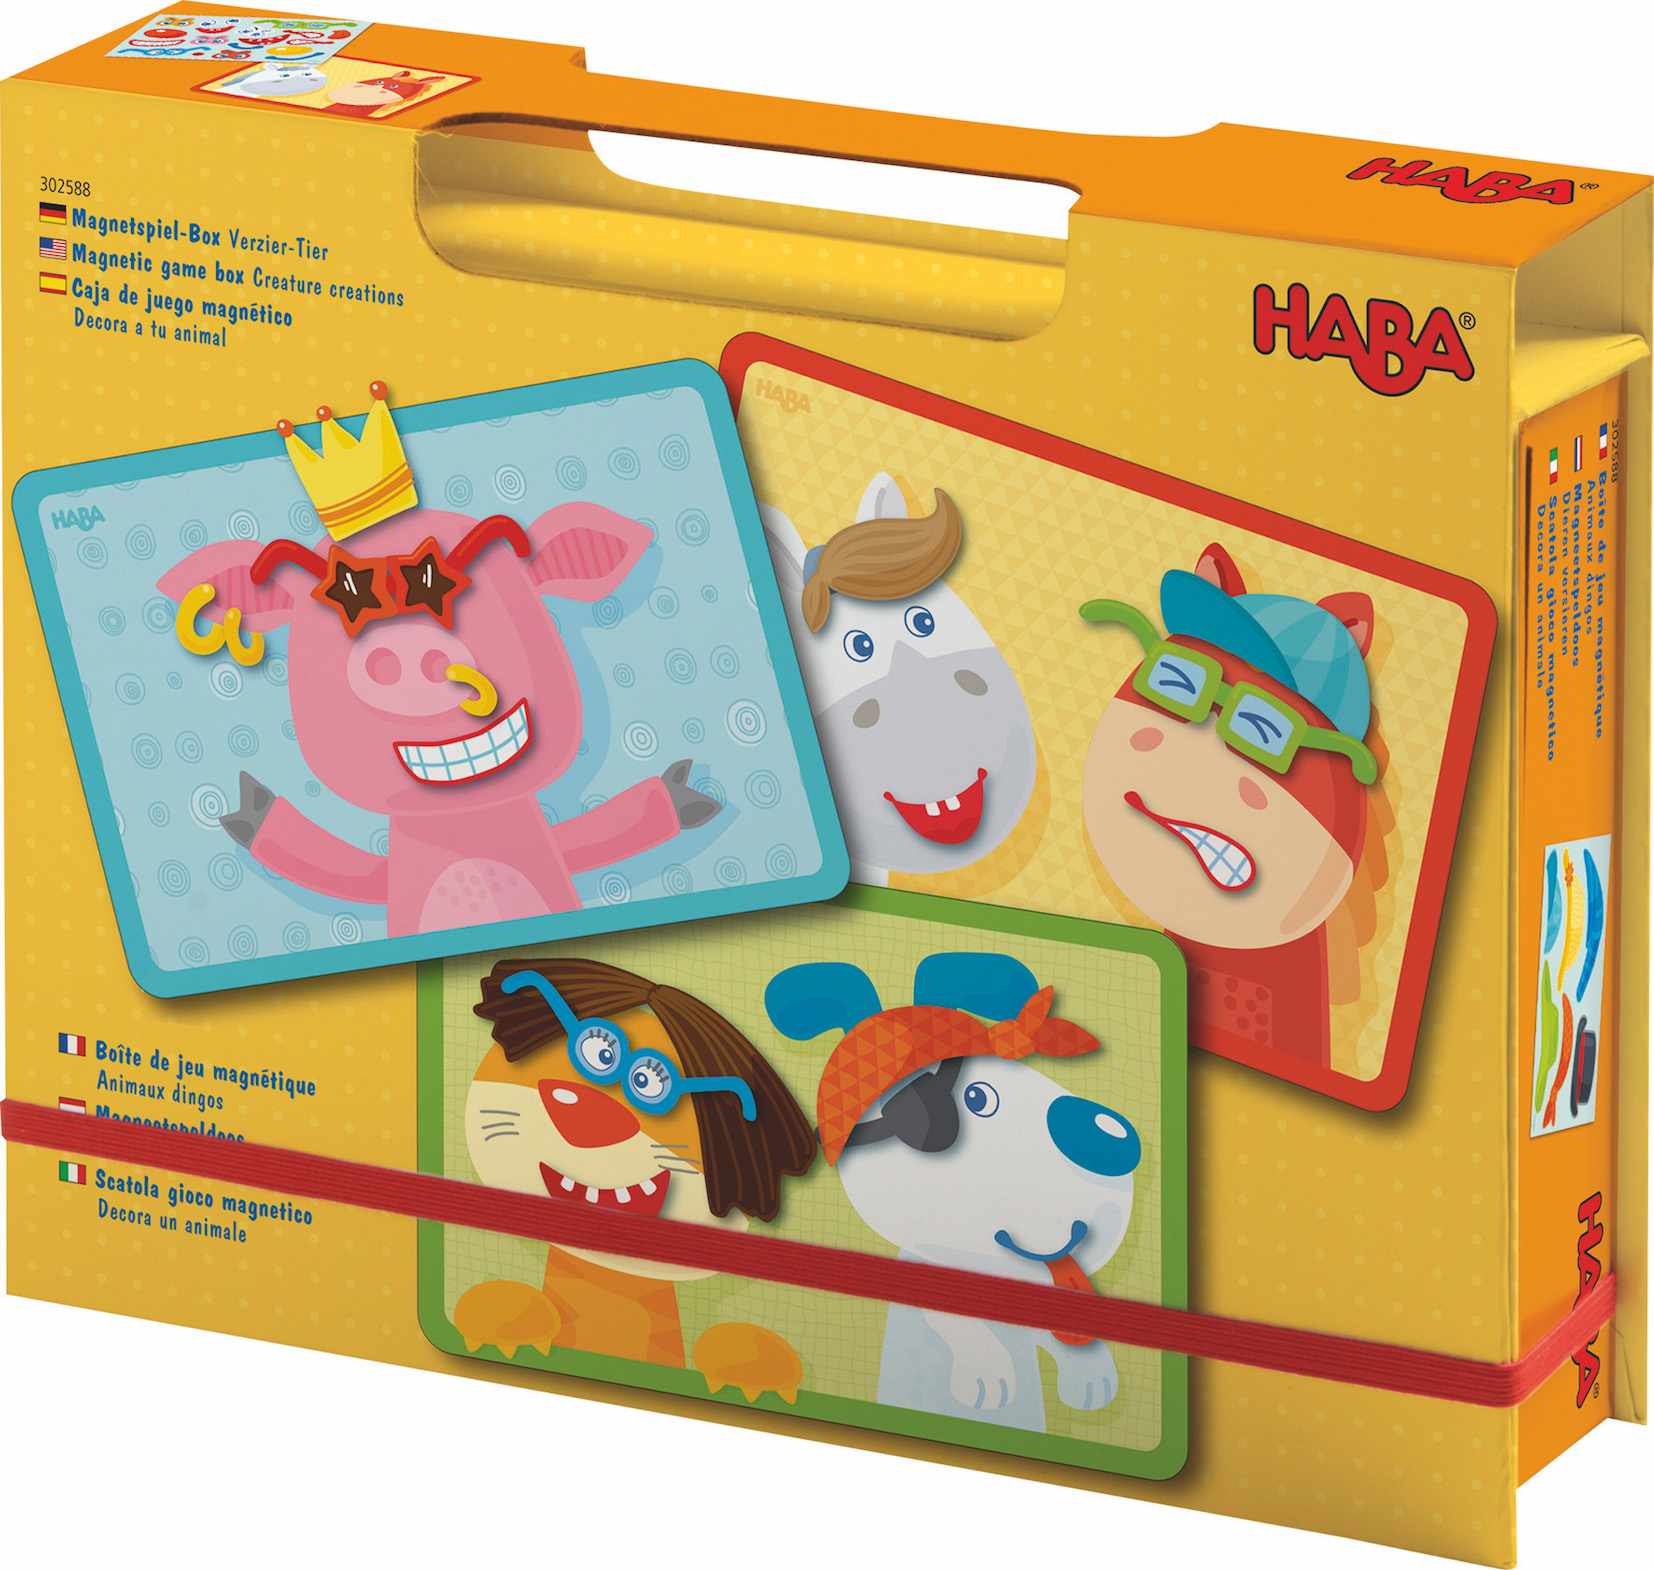 Idées Cadeaux De Noël Pour Enfants De 2 À 5 Ans- Wish List concernant Jeux Pour Enfant De Deux Ans